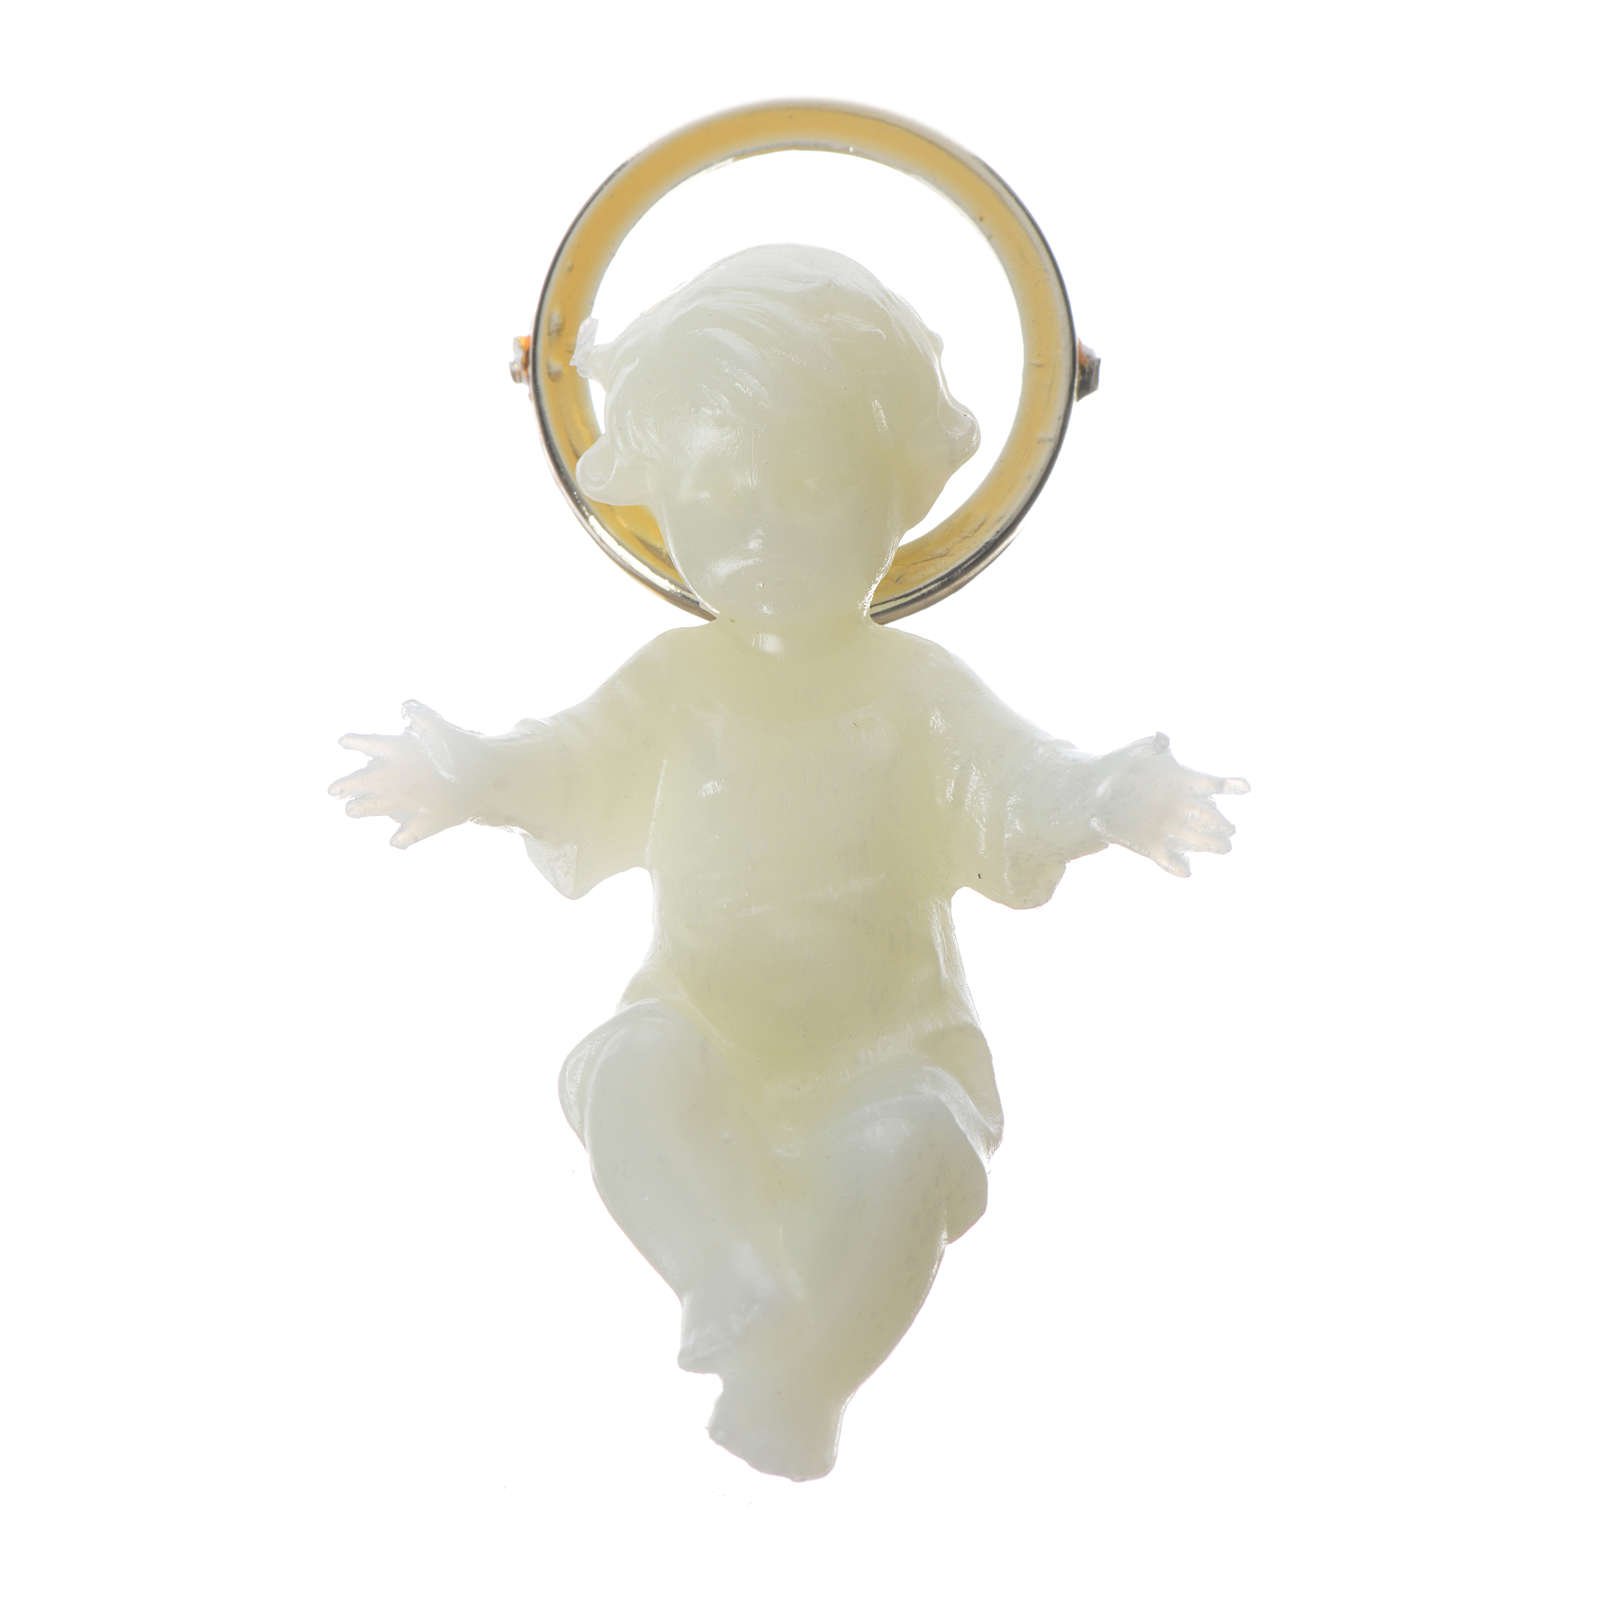 Enfant Jésus 5 cm auréole or fluorescent 3